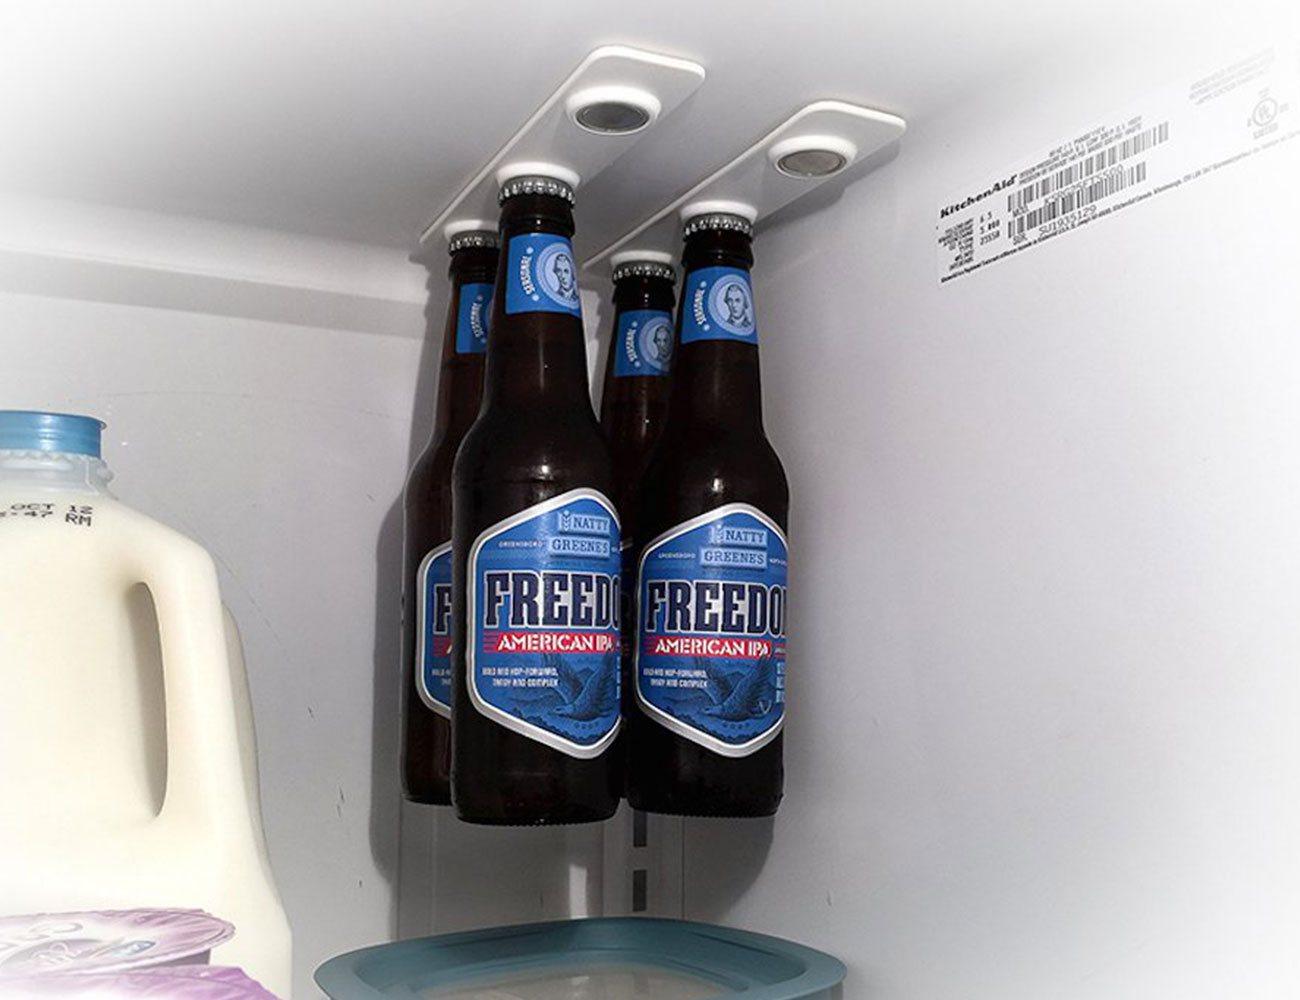 BottleLoft – Magnetic Bottle Hanger for Your Refrigerator